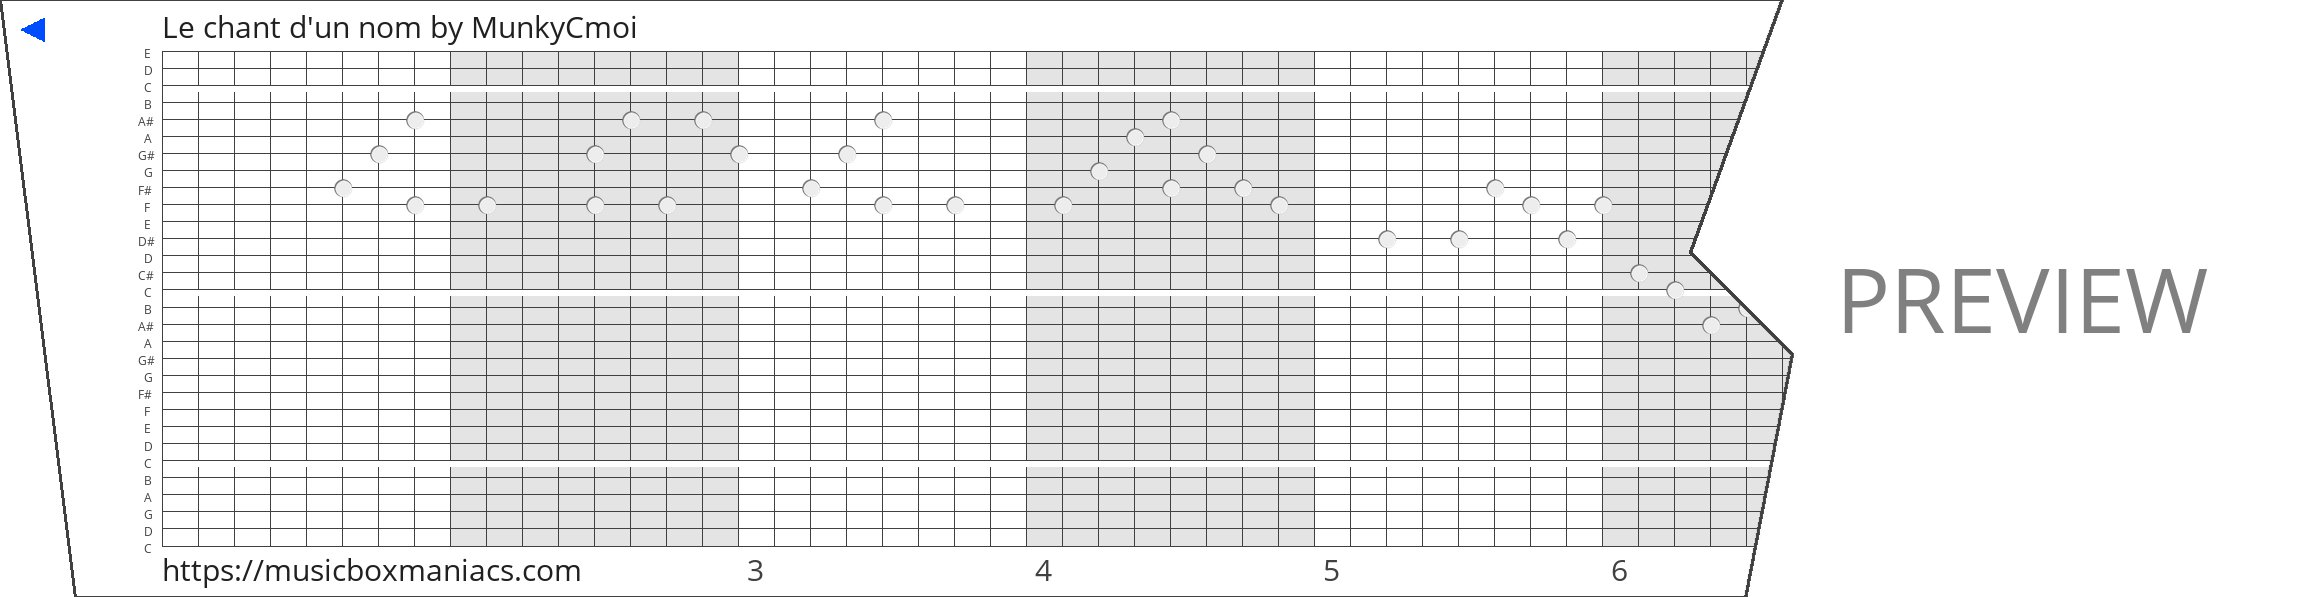 Le chant d'un nom 30 note music box paper strip